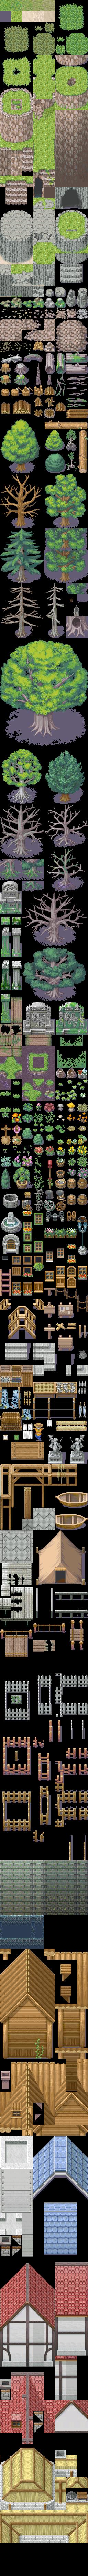 RPGM-XP Tiles - Seaside Forest